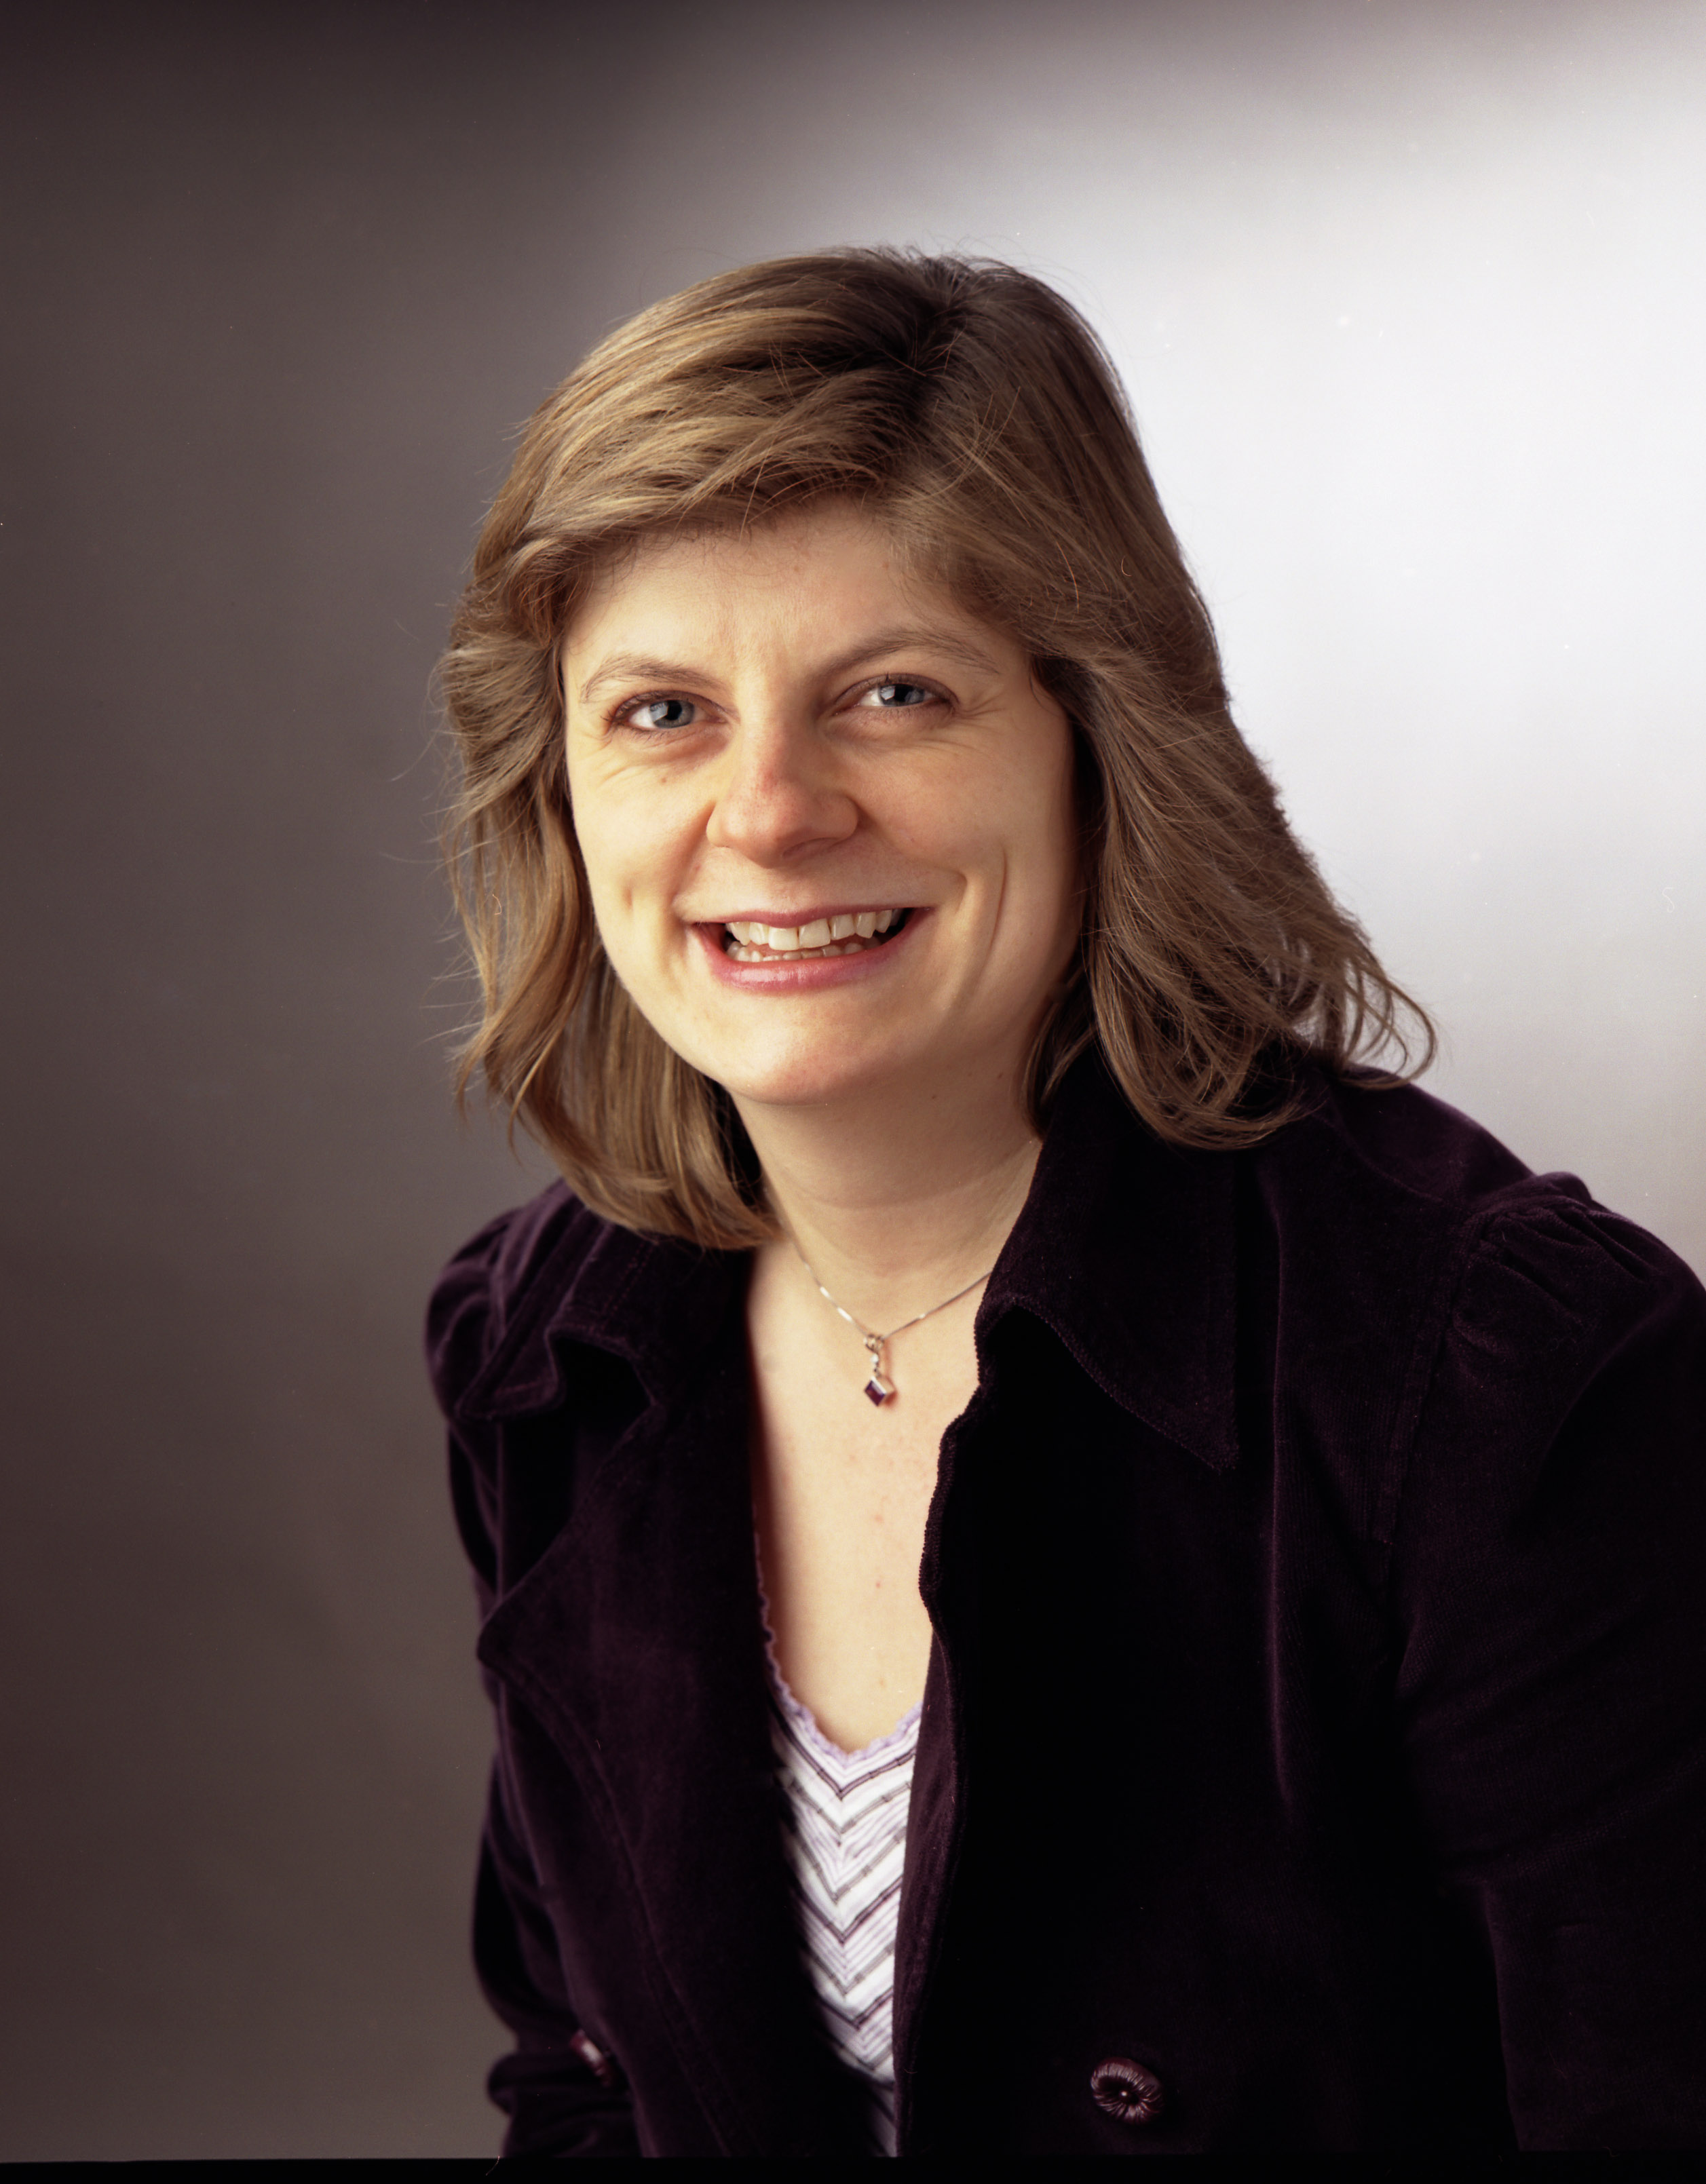 Helen Hart